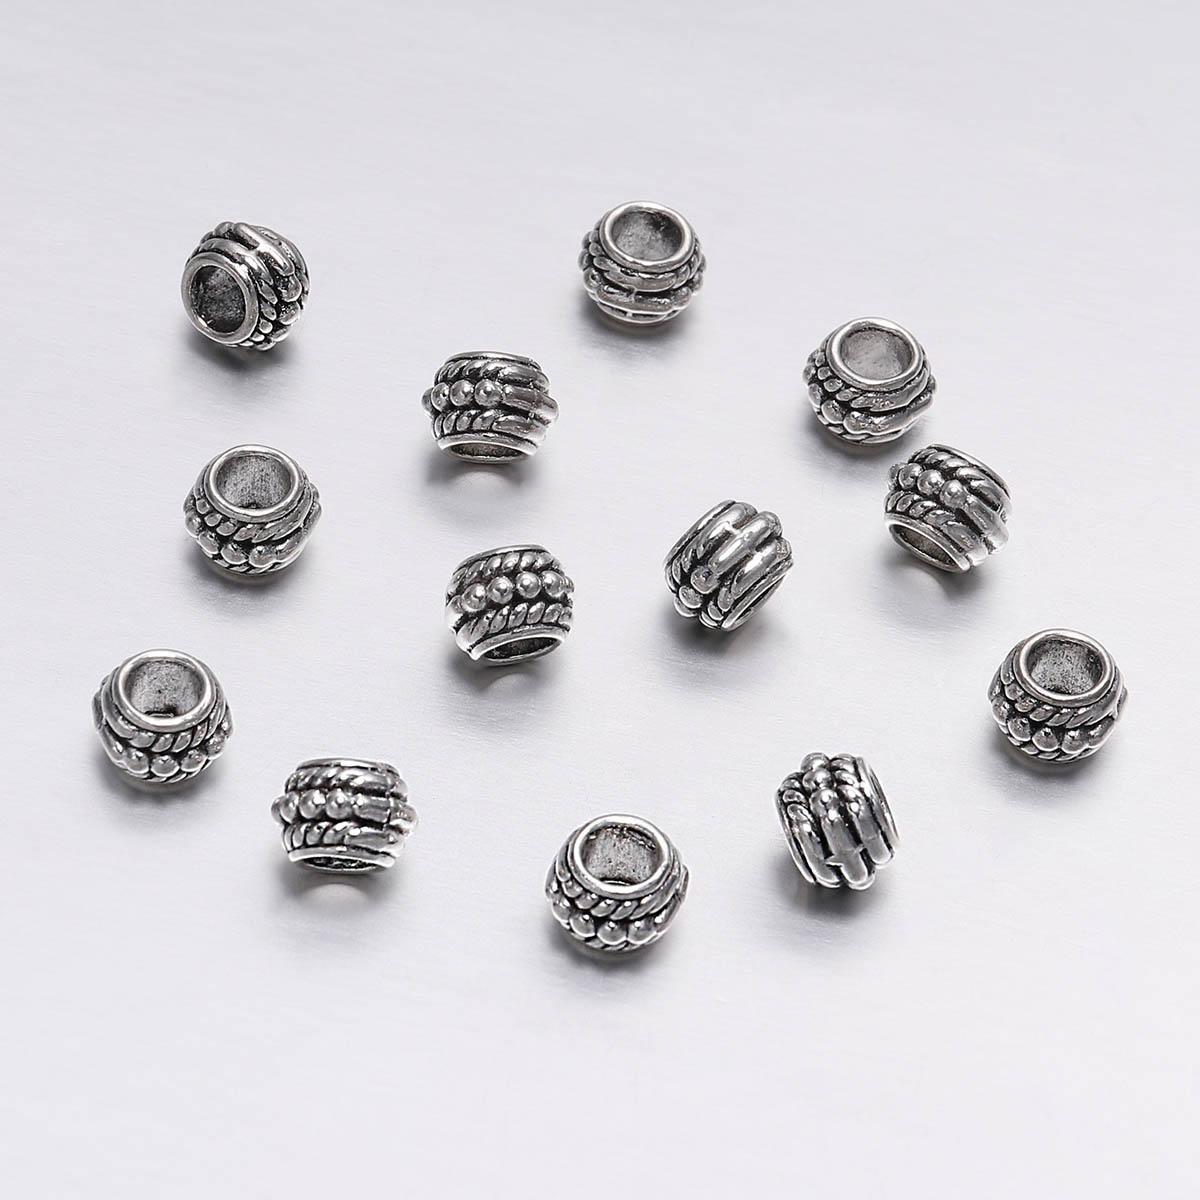 200pcs / lot 8mm Antike silberne lose Spacer-Korn für Schmucksachen, die Weinlese-Armband-Korn-Entdeckungen Handgemachte Supplies